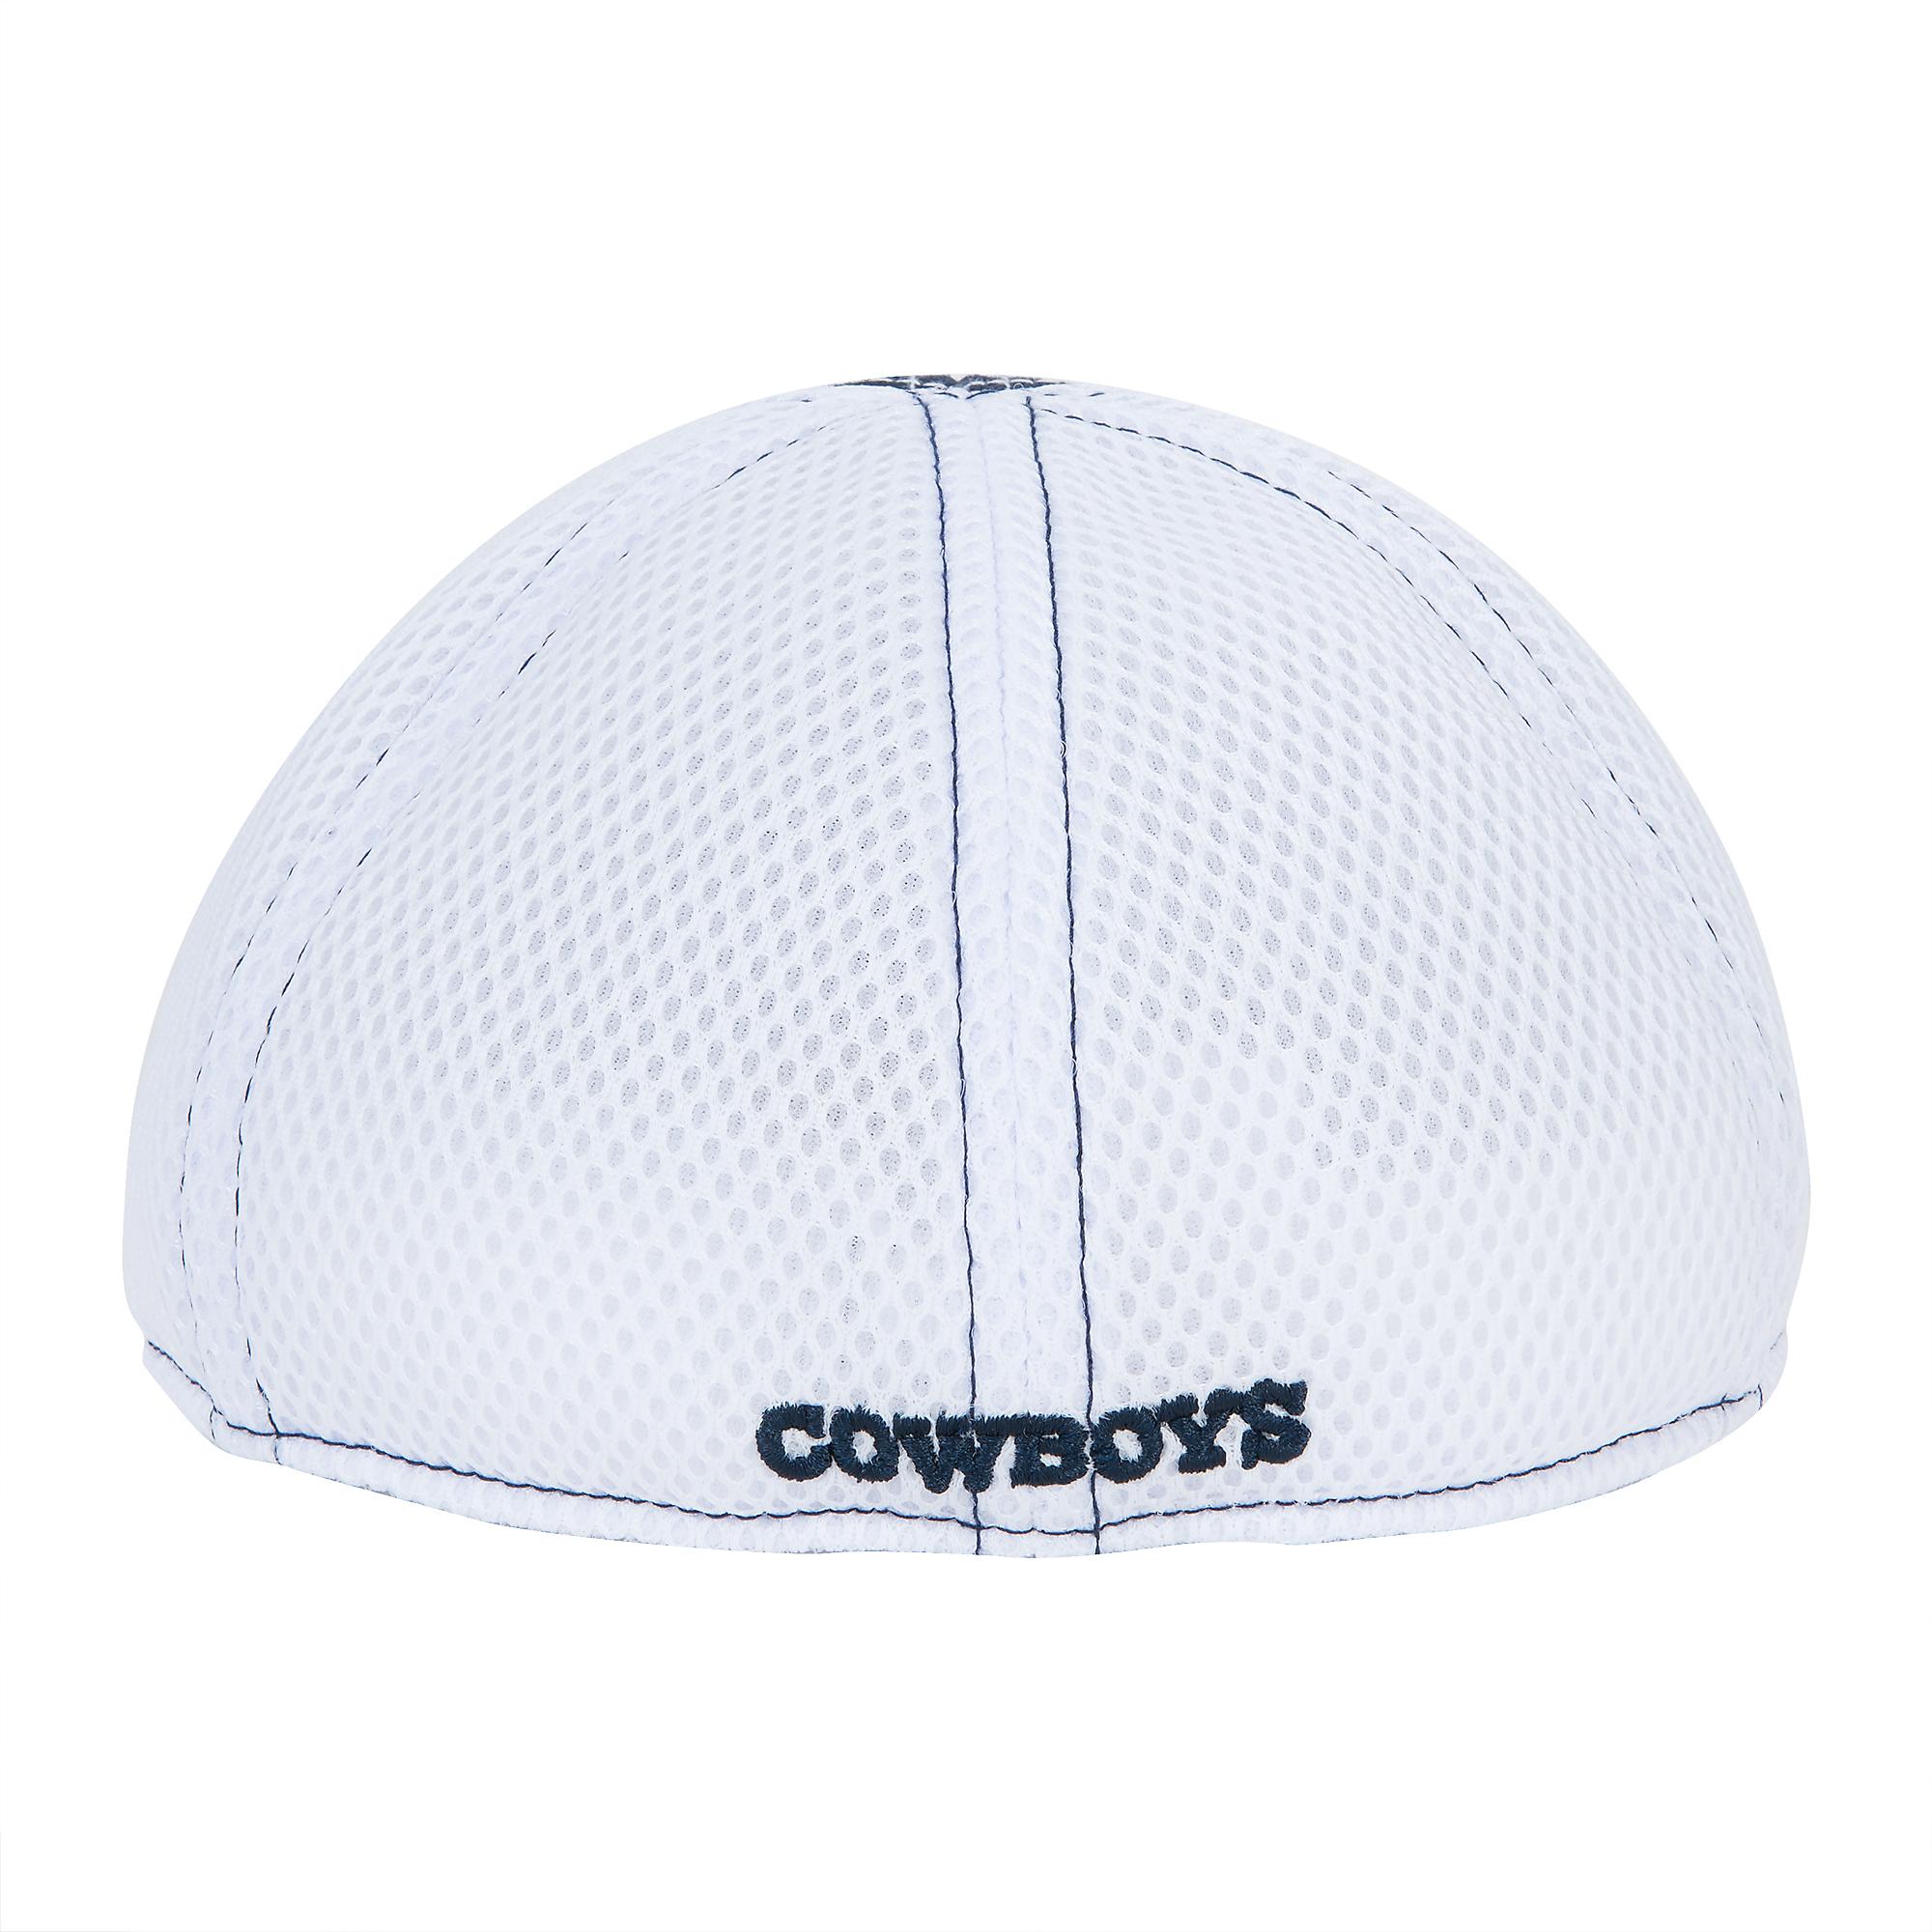 best service 8fce5 c322a Dallas Cowboys Infant OTA Cap   Fans United